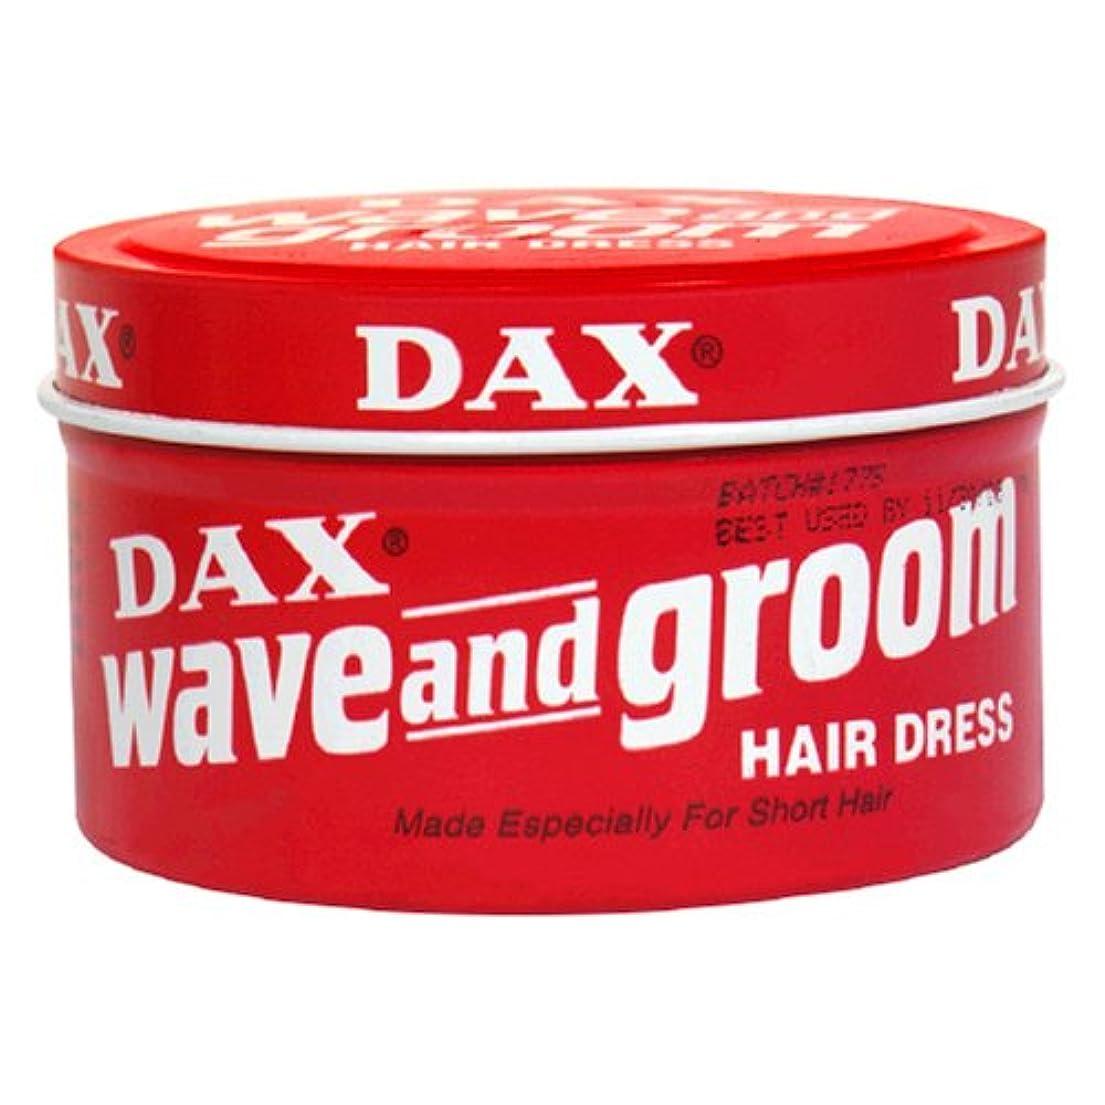 お香グローバル簿記係Dax Wave & Groom Hair Dress 99 gm Jar (Case of 6) (並行輸入品)